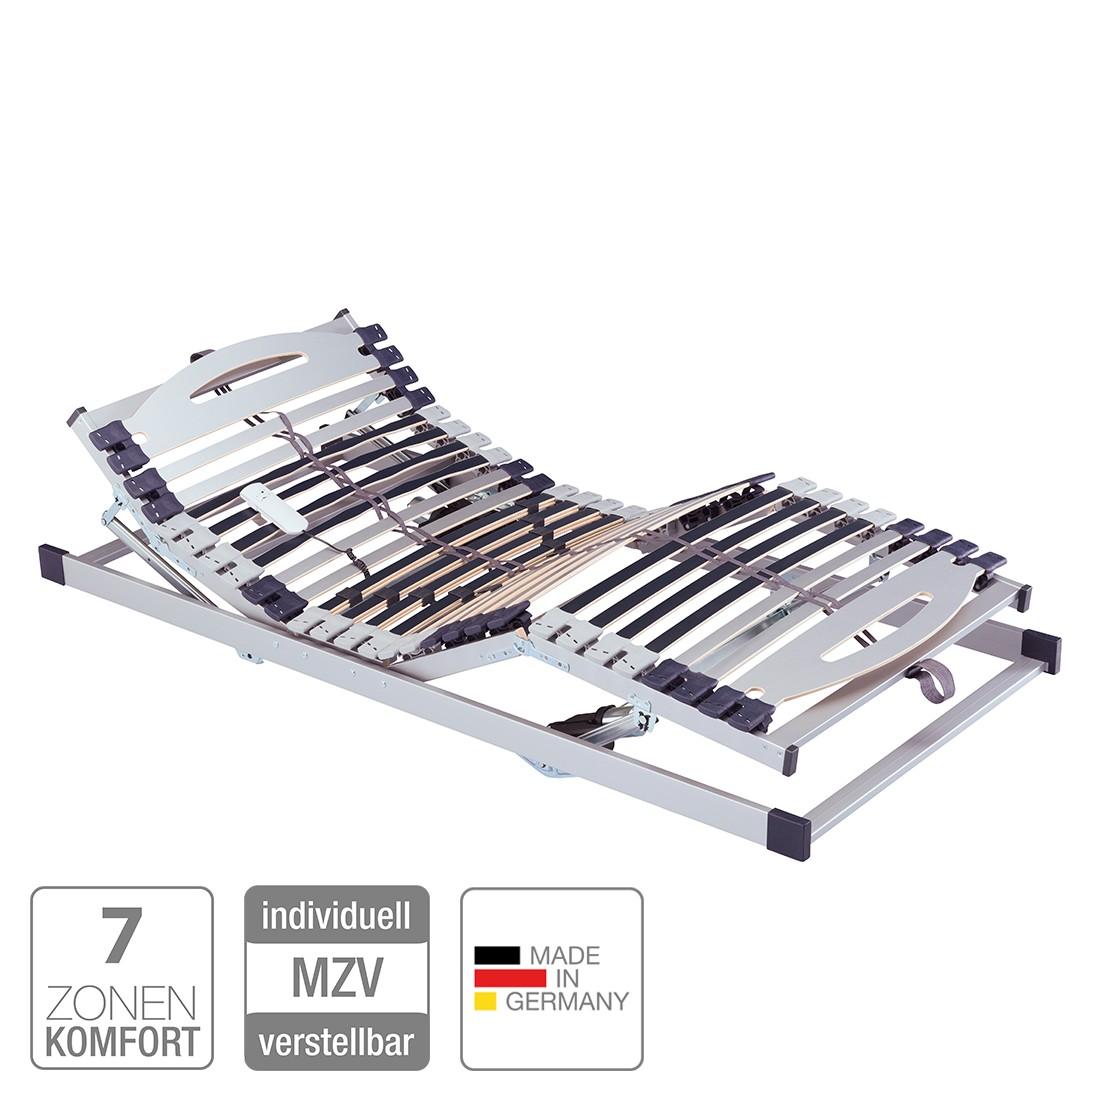 Lattenrost Fiona 7 Zonen (elektrisch) - verstellbar - Kabelfernbedienung - 80 x 200cm